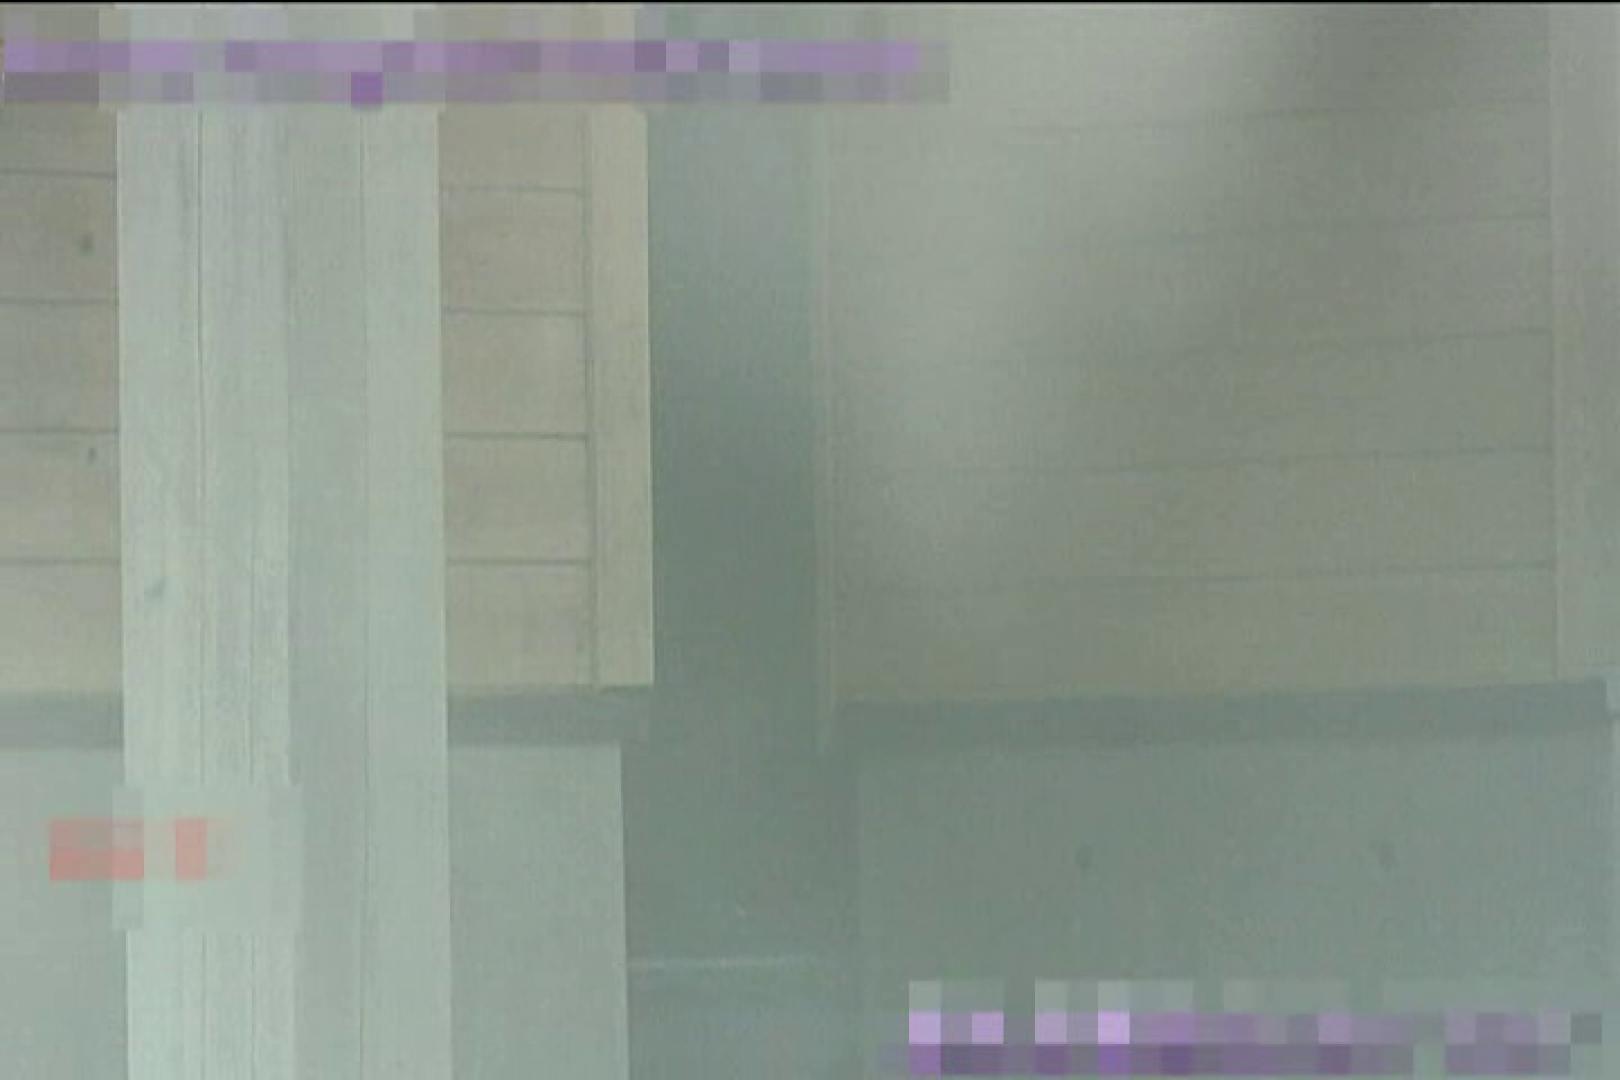 2点盗撮洗面所潜入レポートVol.1 おまんこ アダルト動画キャプチャ 73pic 71